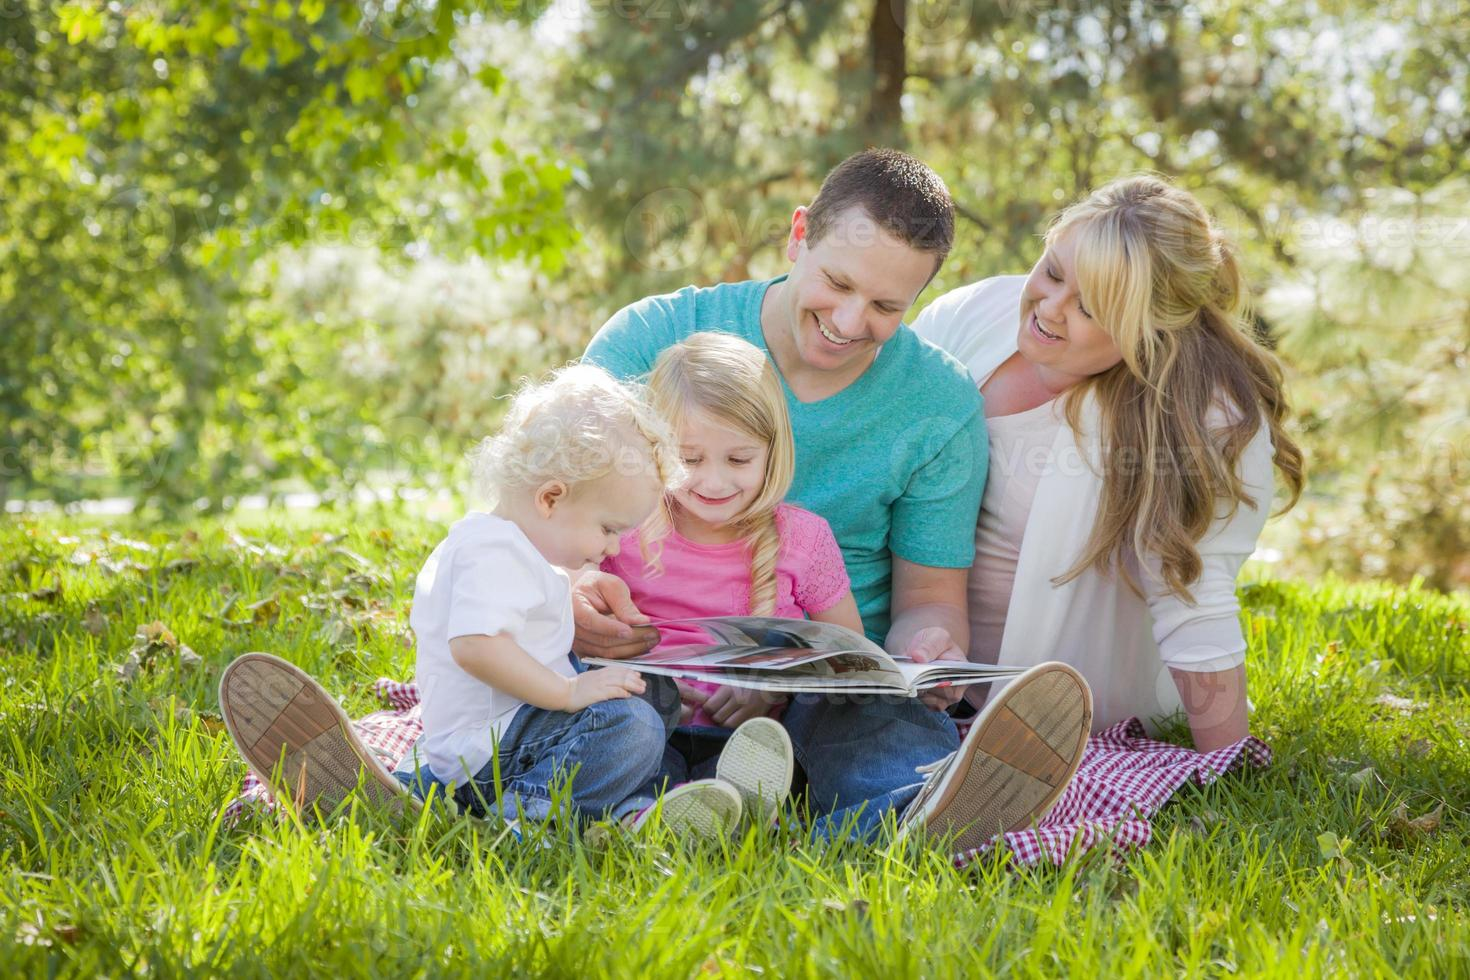 la giovane famiglia ama leggere un libro nel parco foto